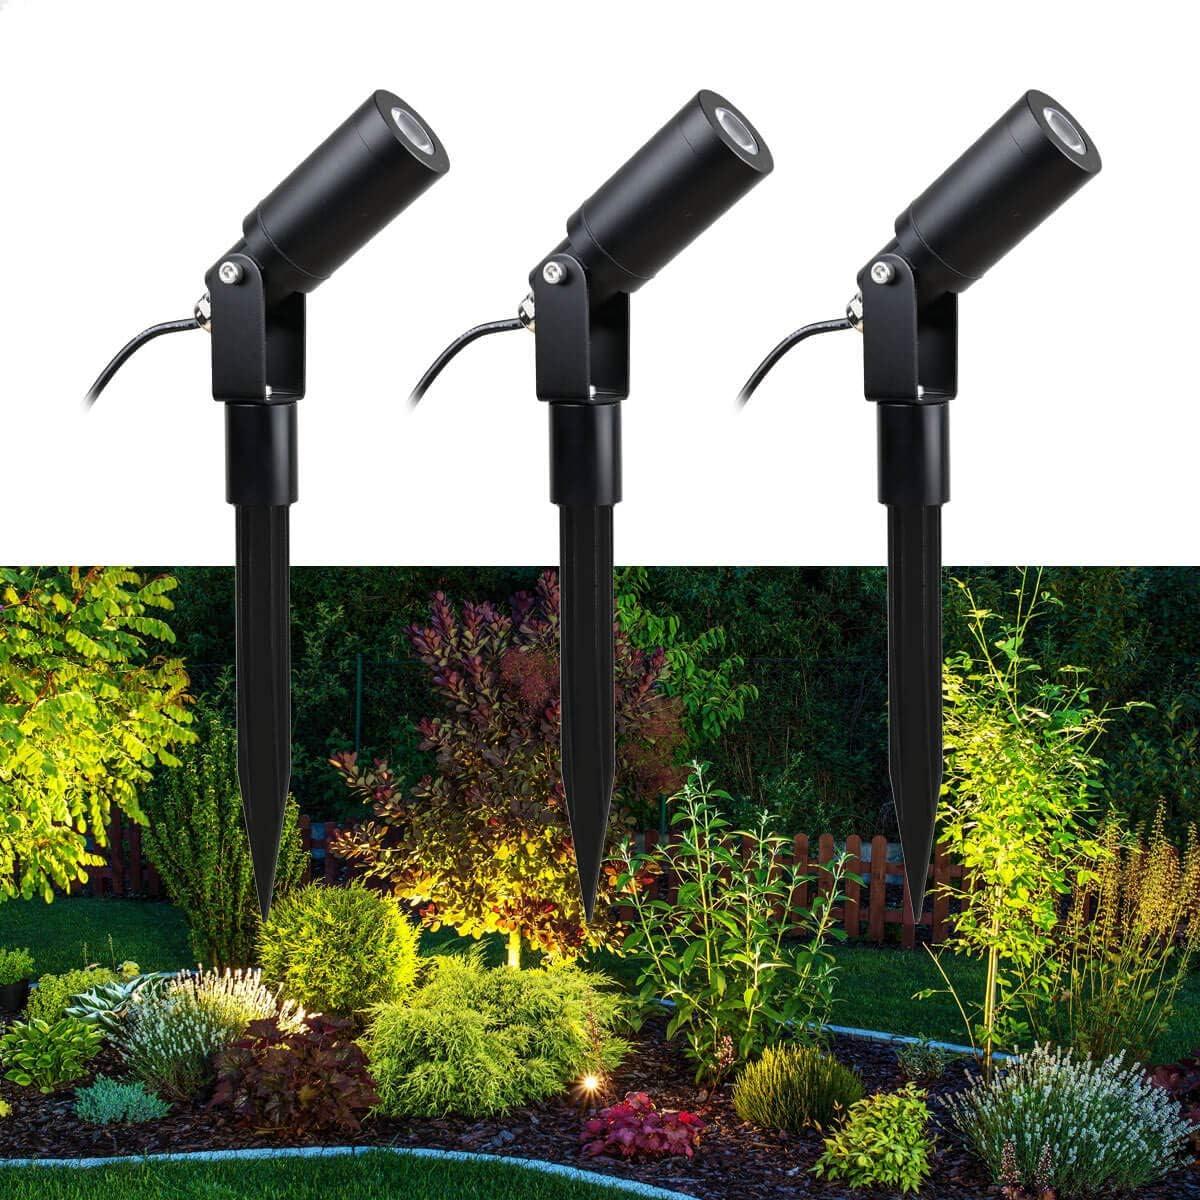 VBLED© Juego de 3 focos de jardín de 1 W con bombilla LED intercambiable, luz blanca cálida, 12 V CA/CC, IP68, 3000 K, 3 x 70 lúmenes: Amazon.es: Iluminación